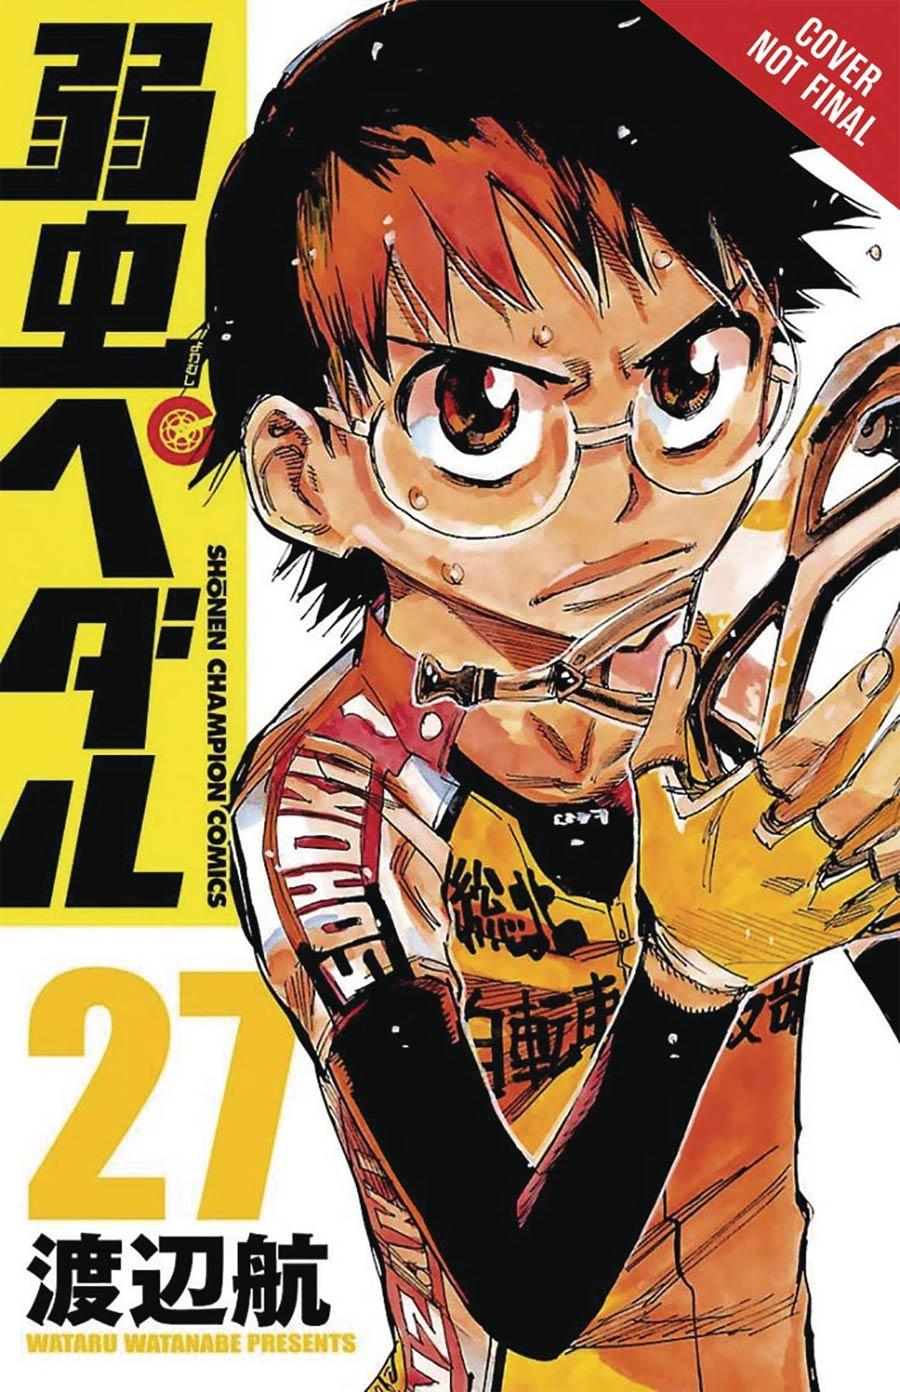 Yowamushi Pedal Vol 14 GN